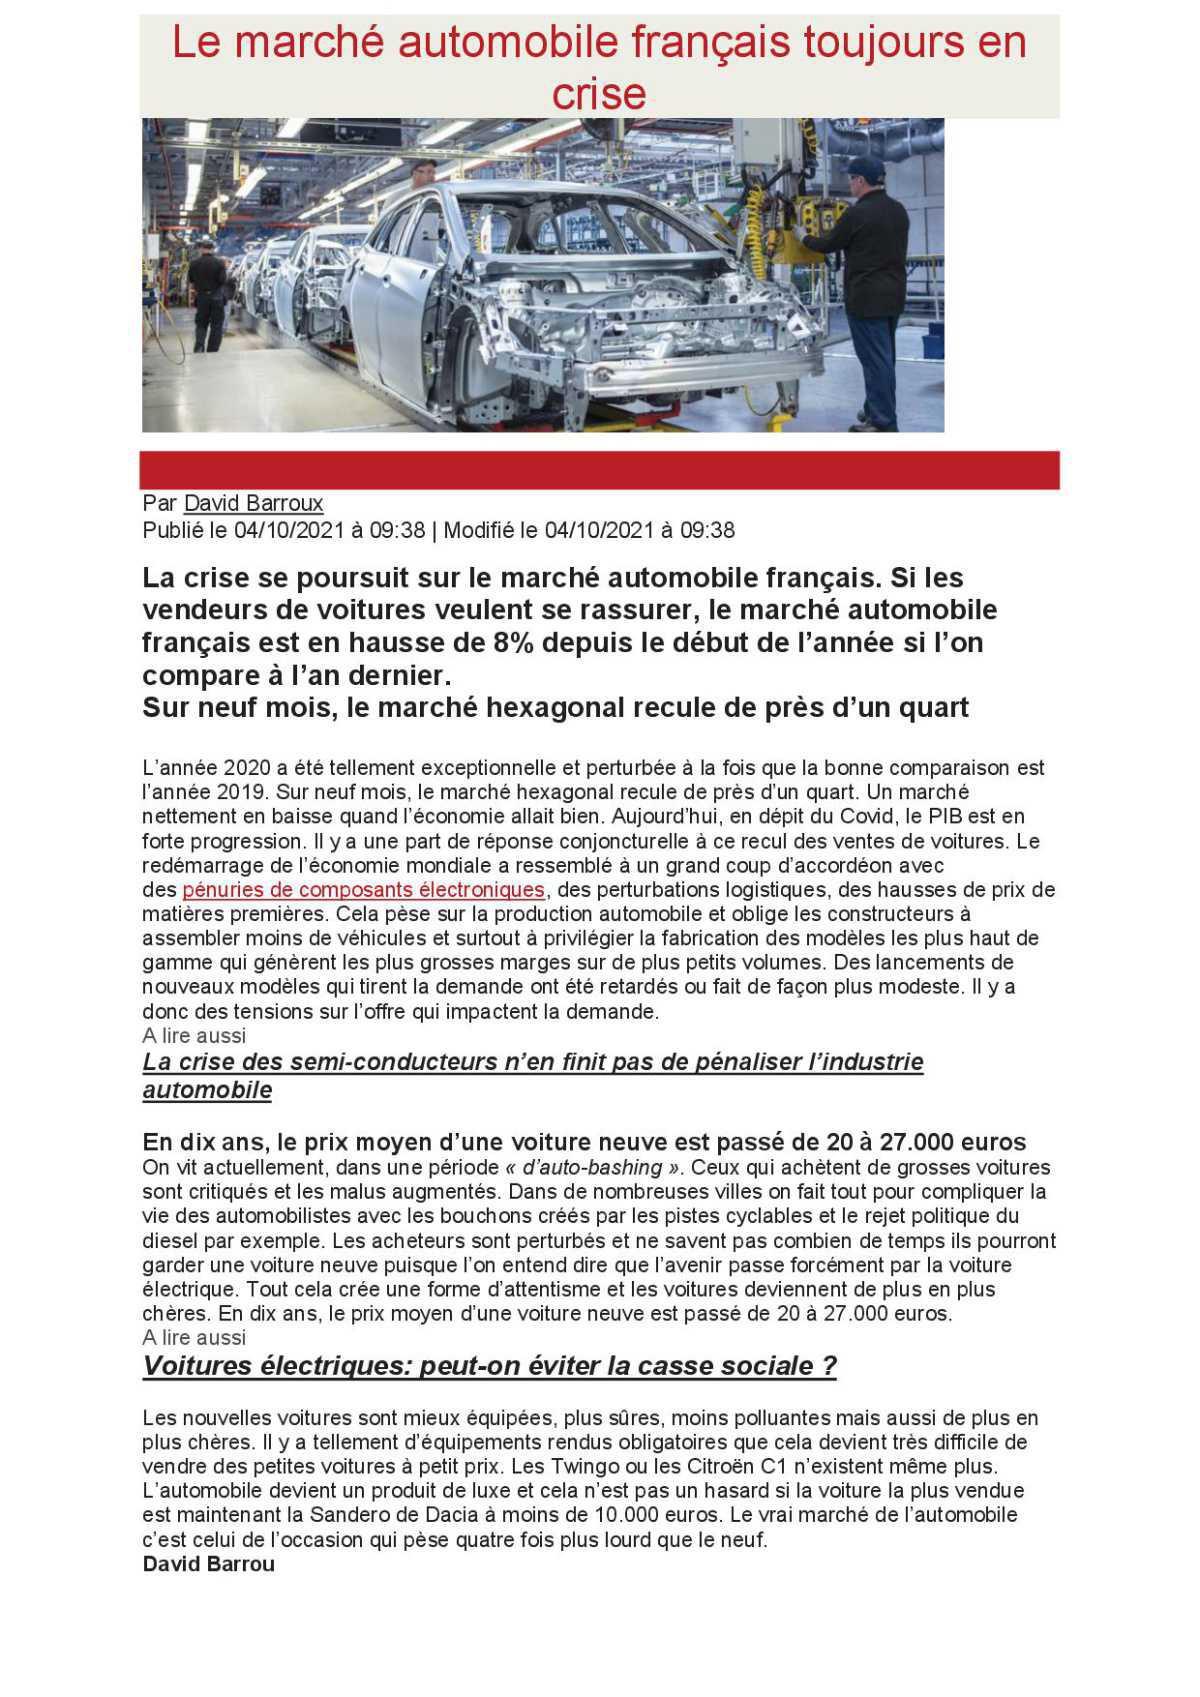 Marché automobile Francais toujours en crise.